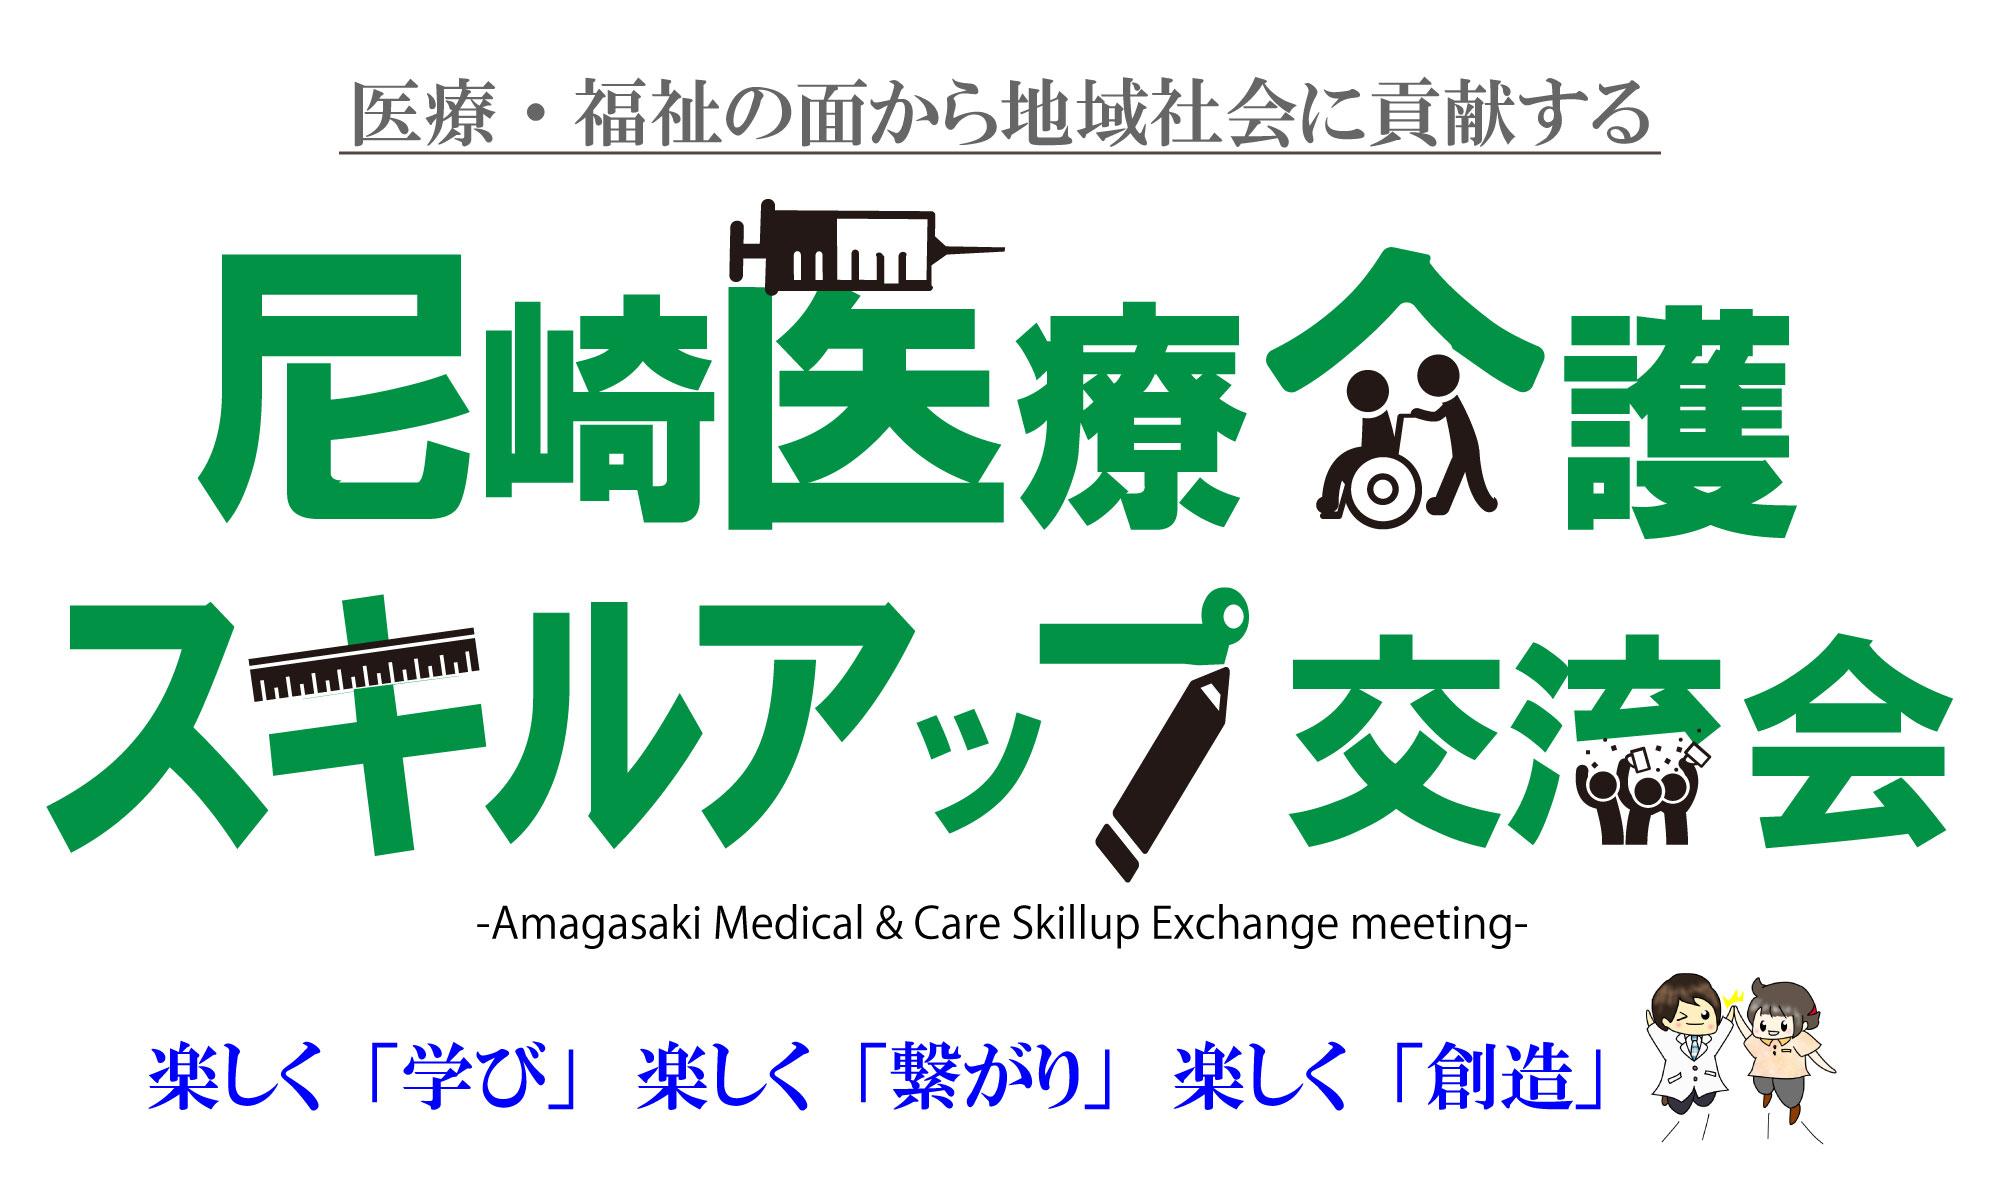 尼崎医療介護スキルアップ交流会